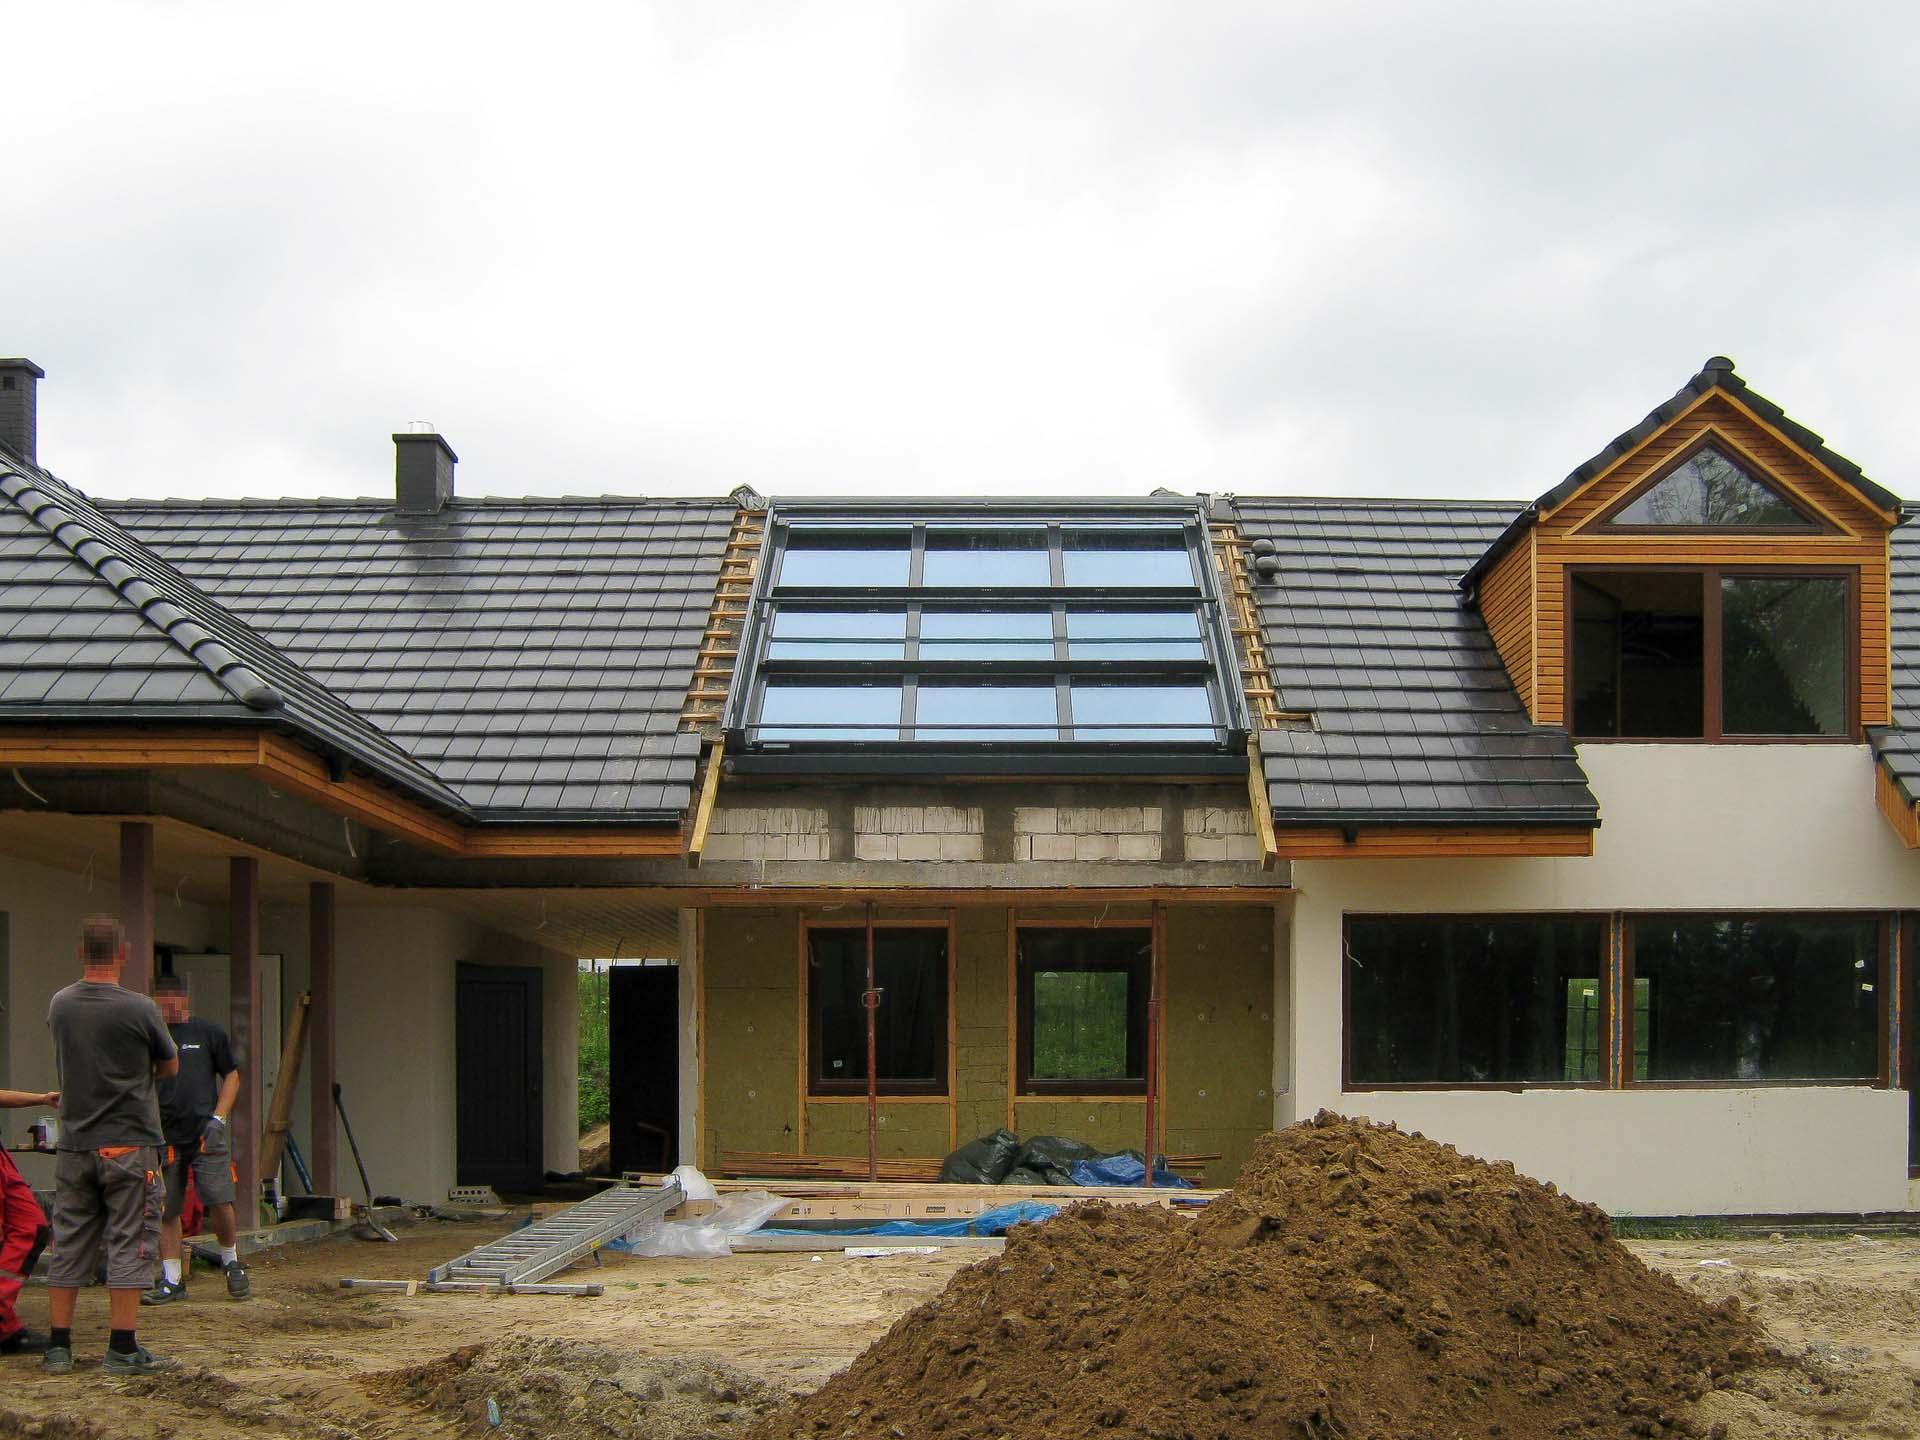 OpenAir Dachfenster in Polen